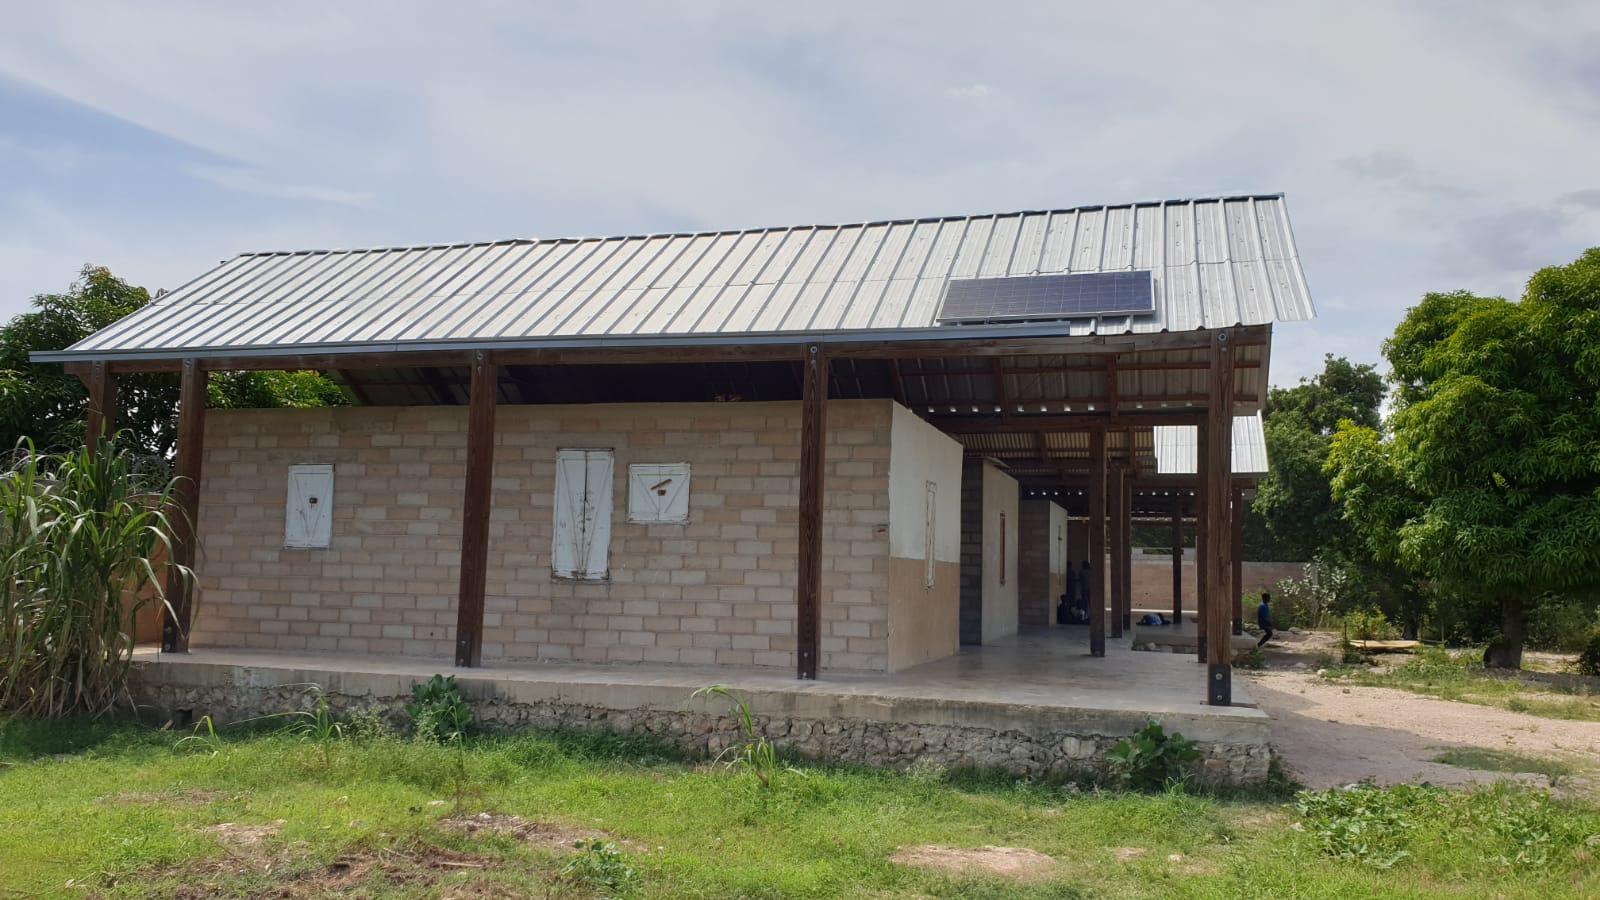 Panel solar para iluminar el hogar